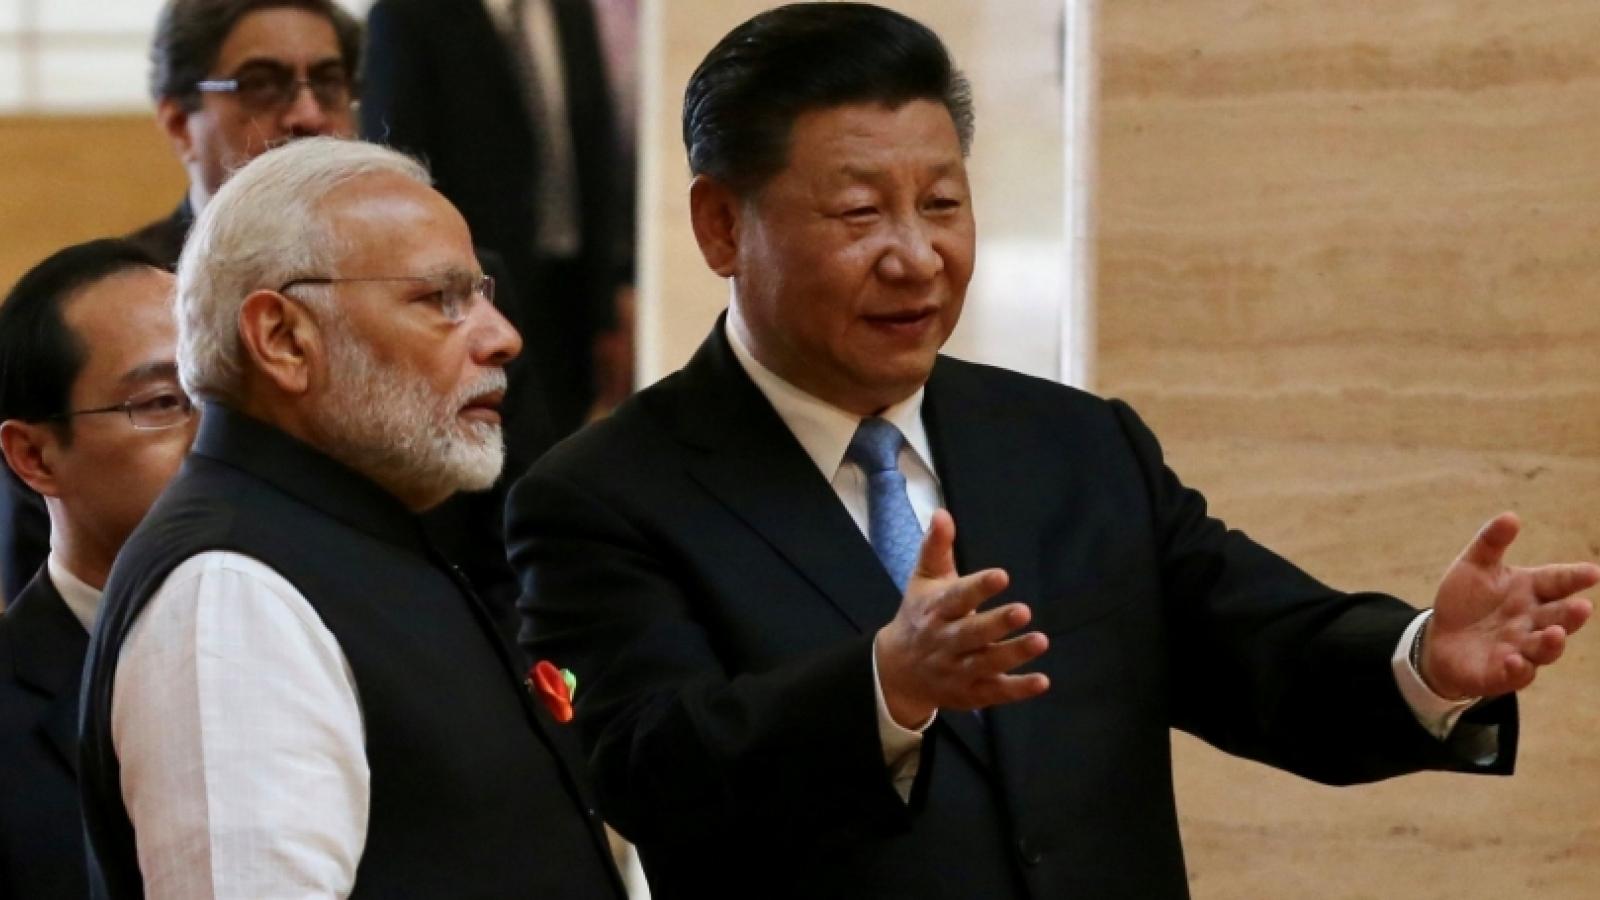 Ấn Độ trước lựa chọn giữa QUAD và BRICS trong quan hệ với Trung Quốc